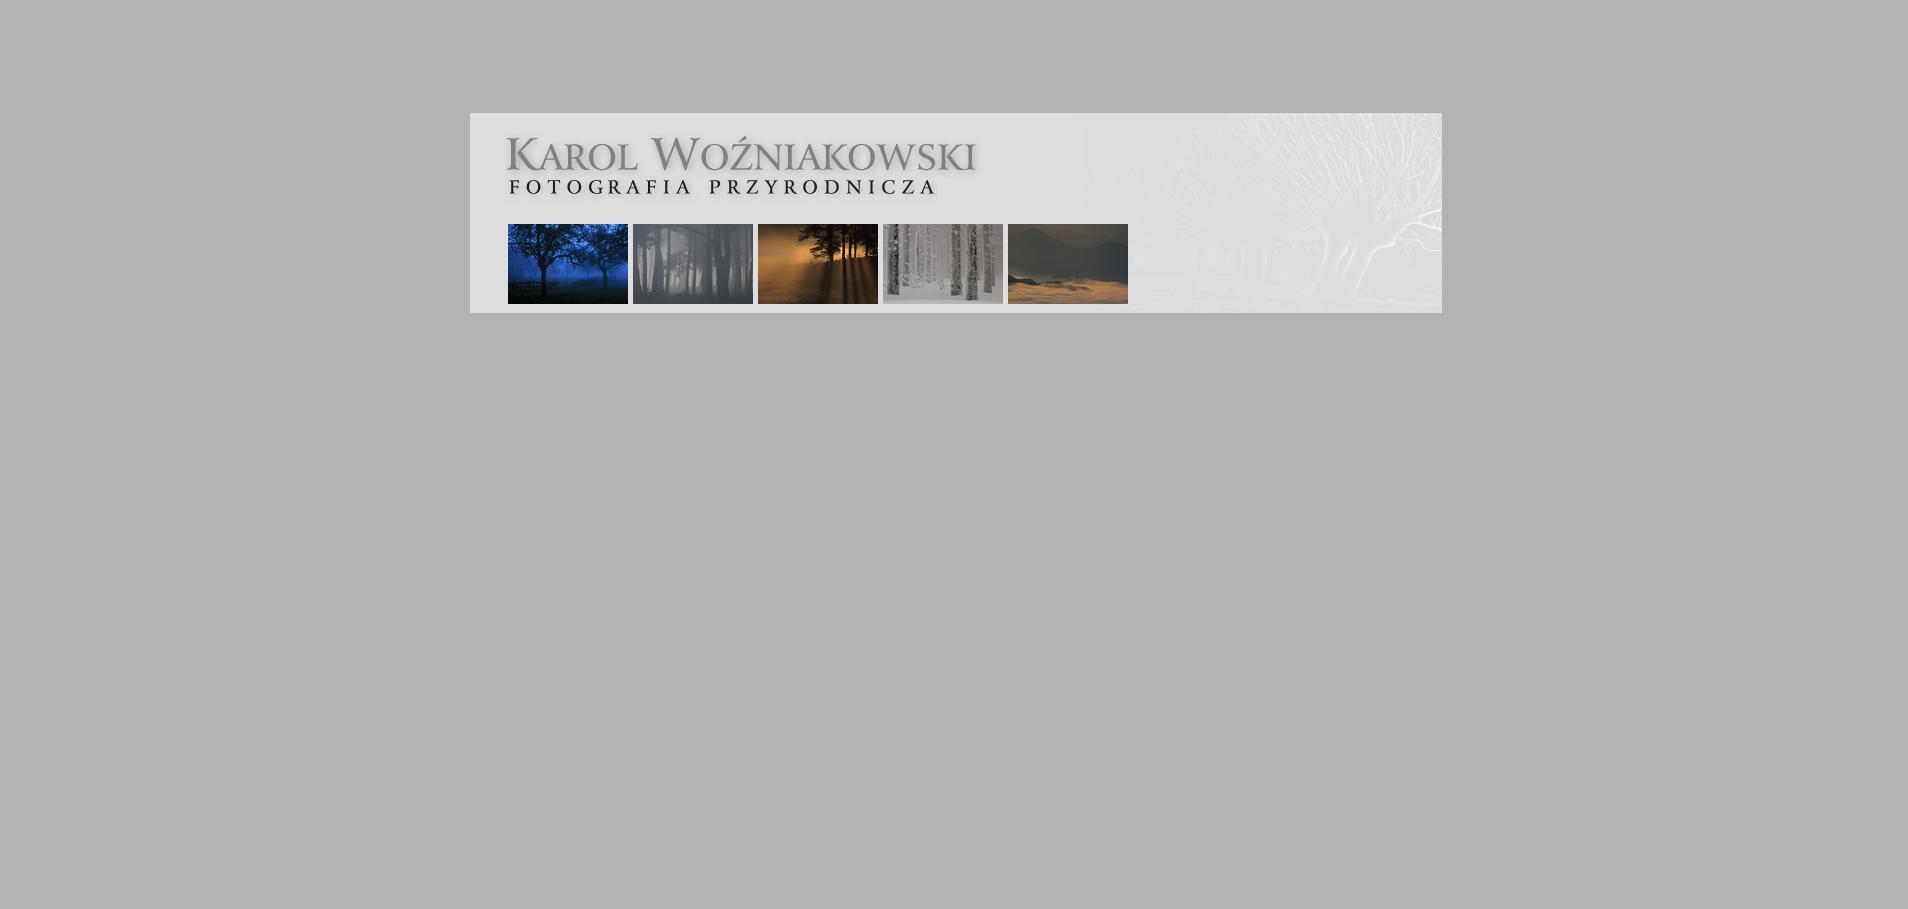 Karol Wożniakowski